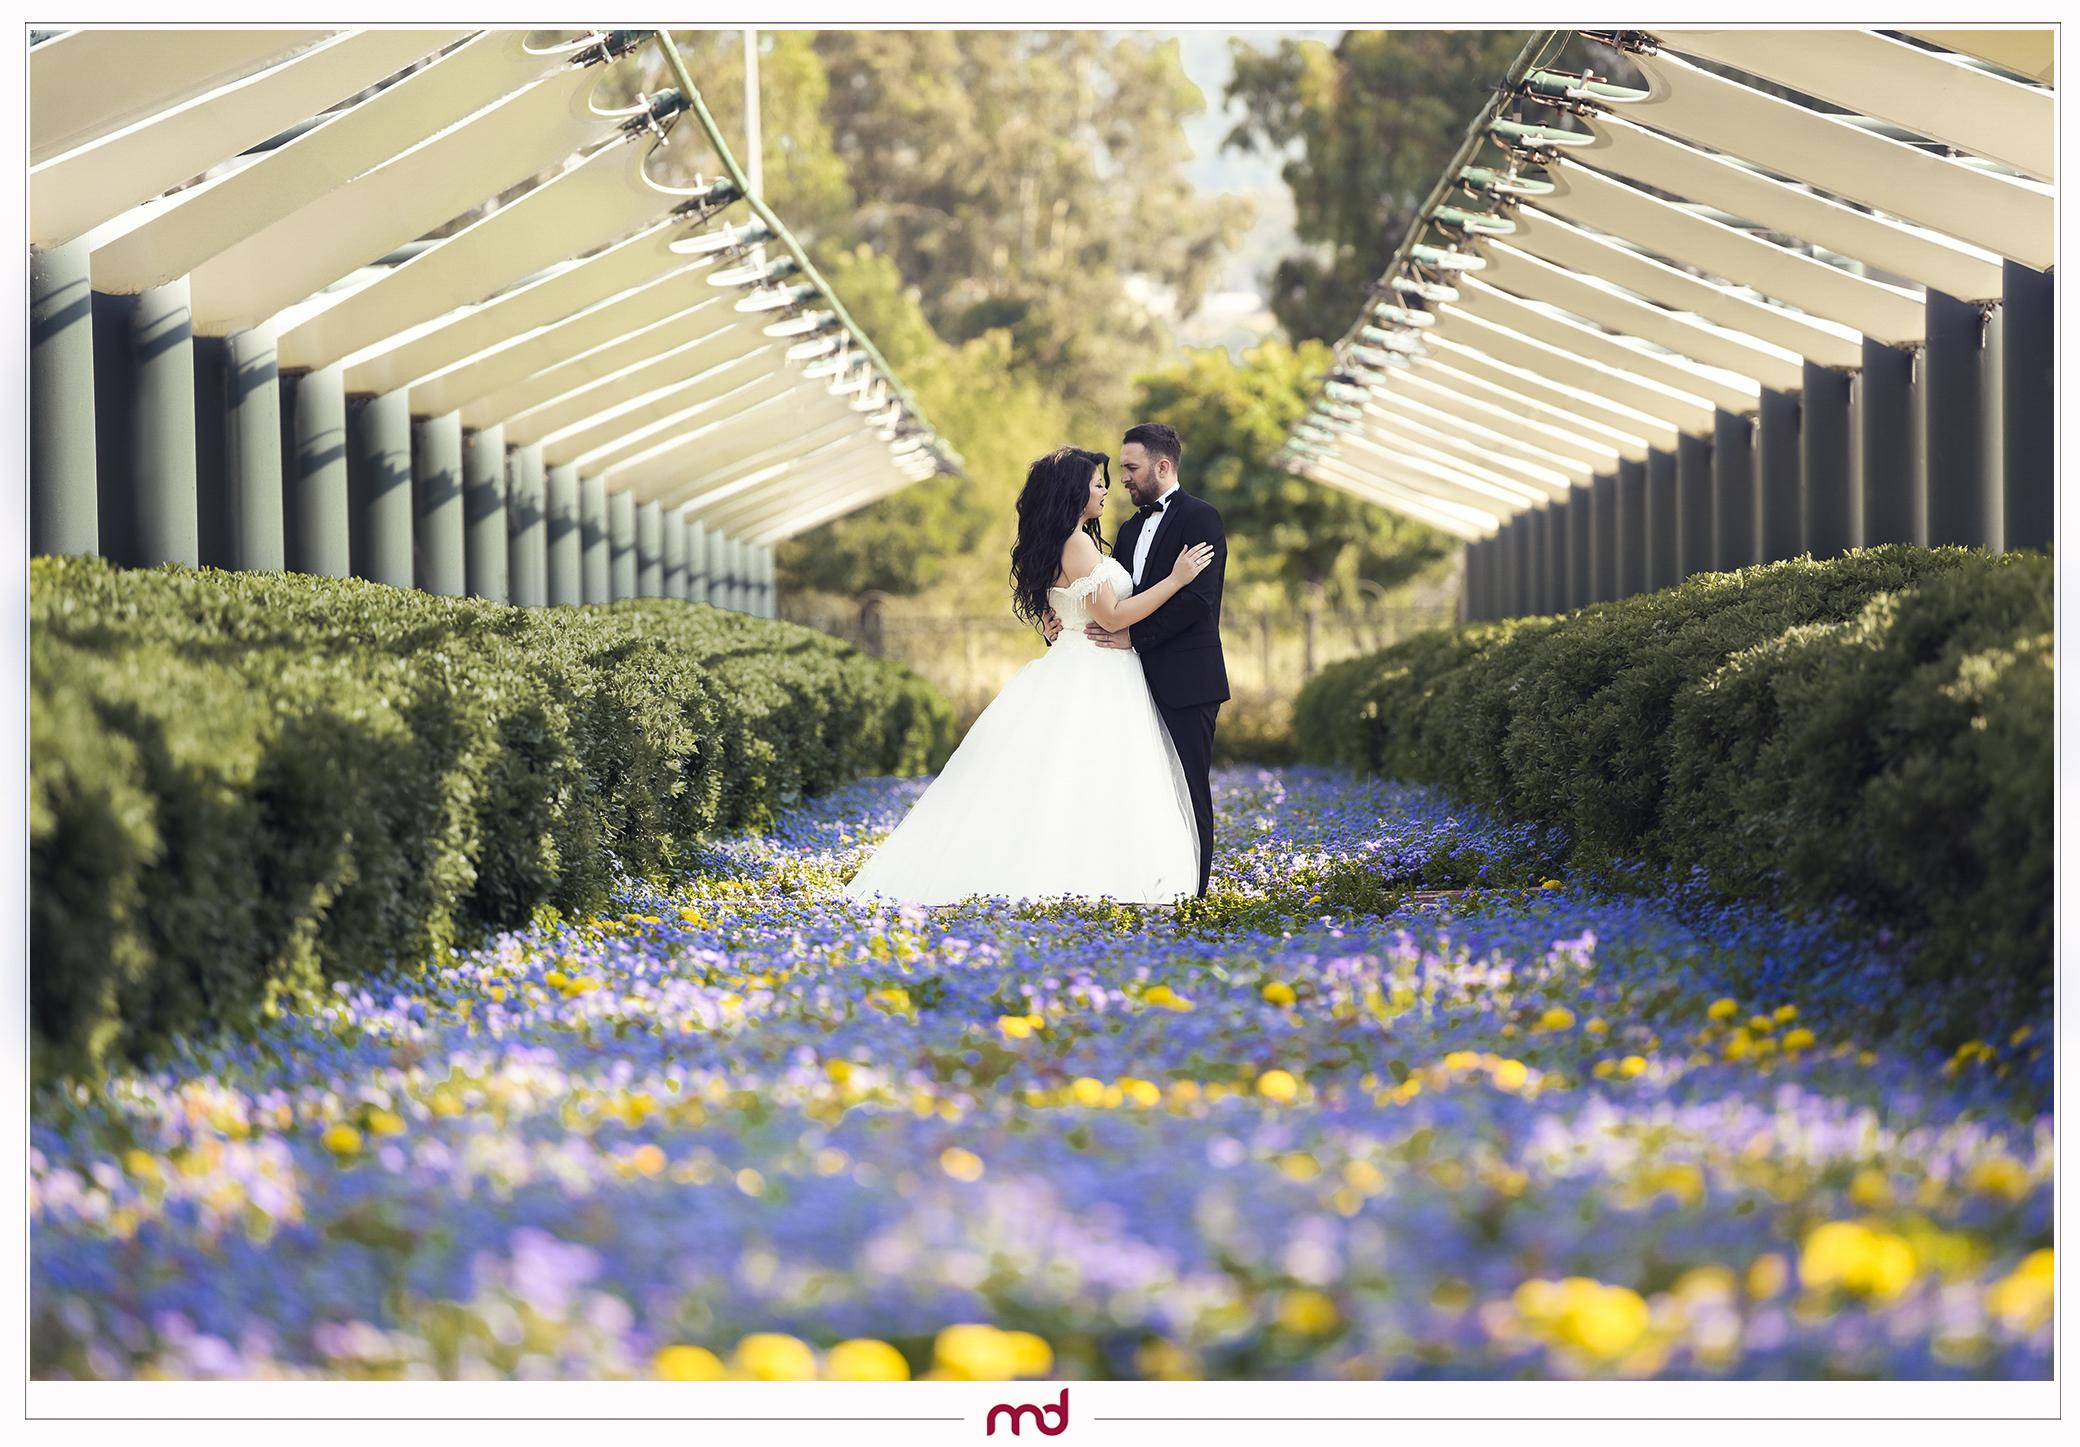 İzmir Düğün Fotoğrafları 2018